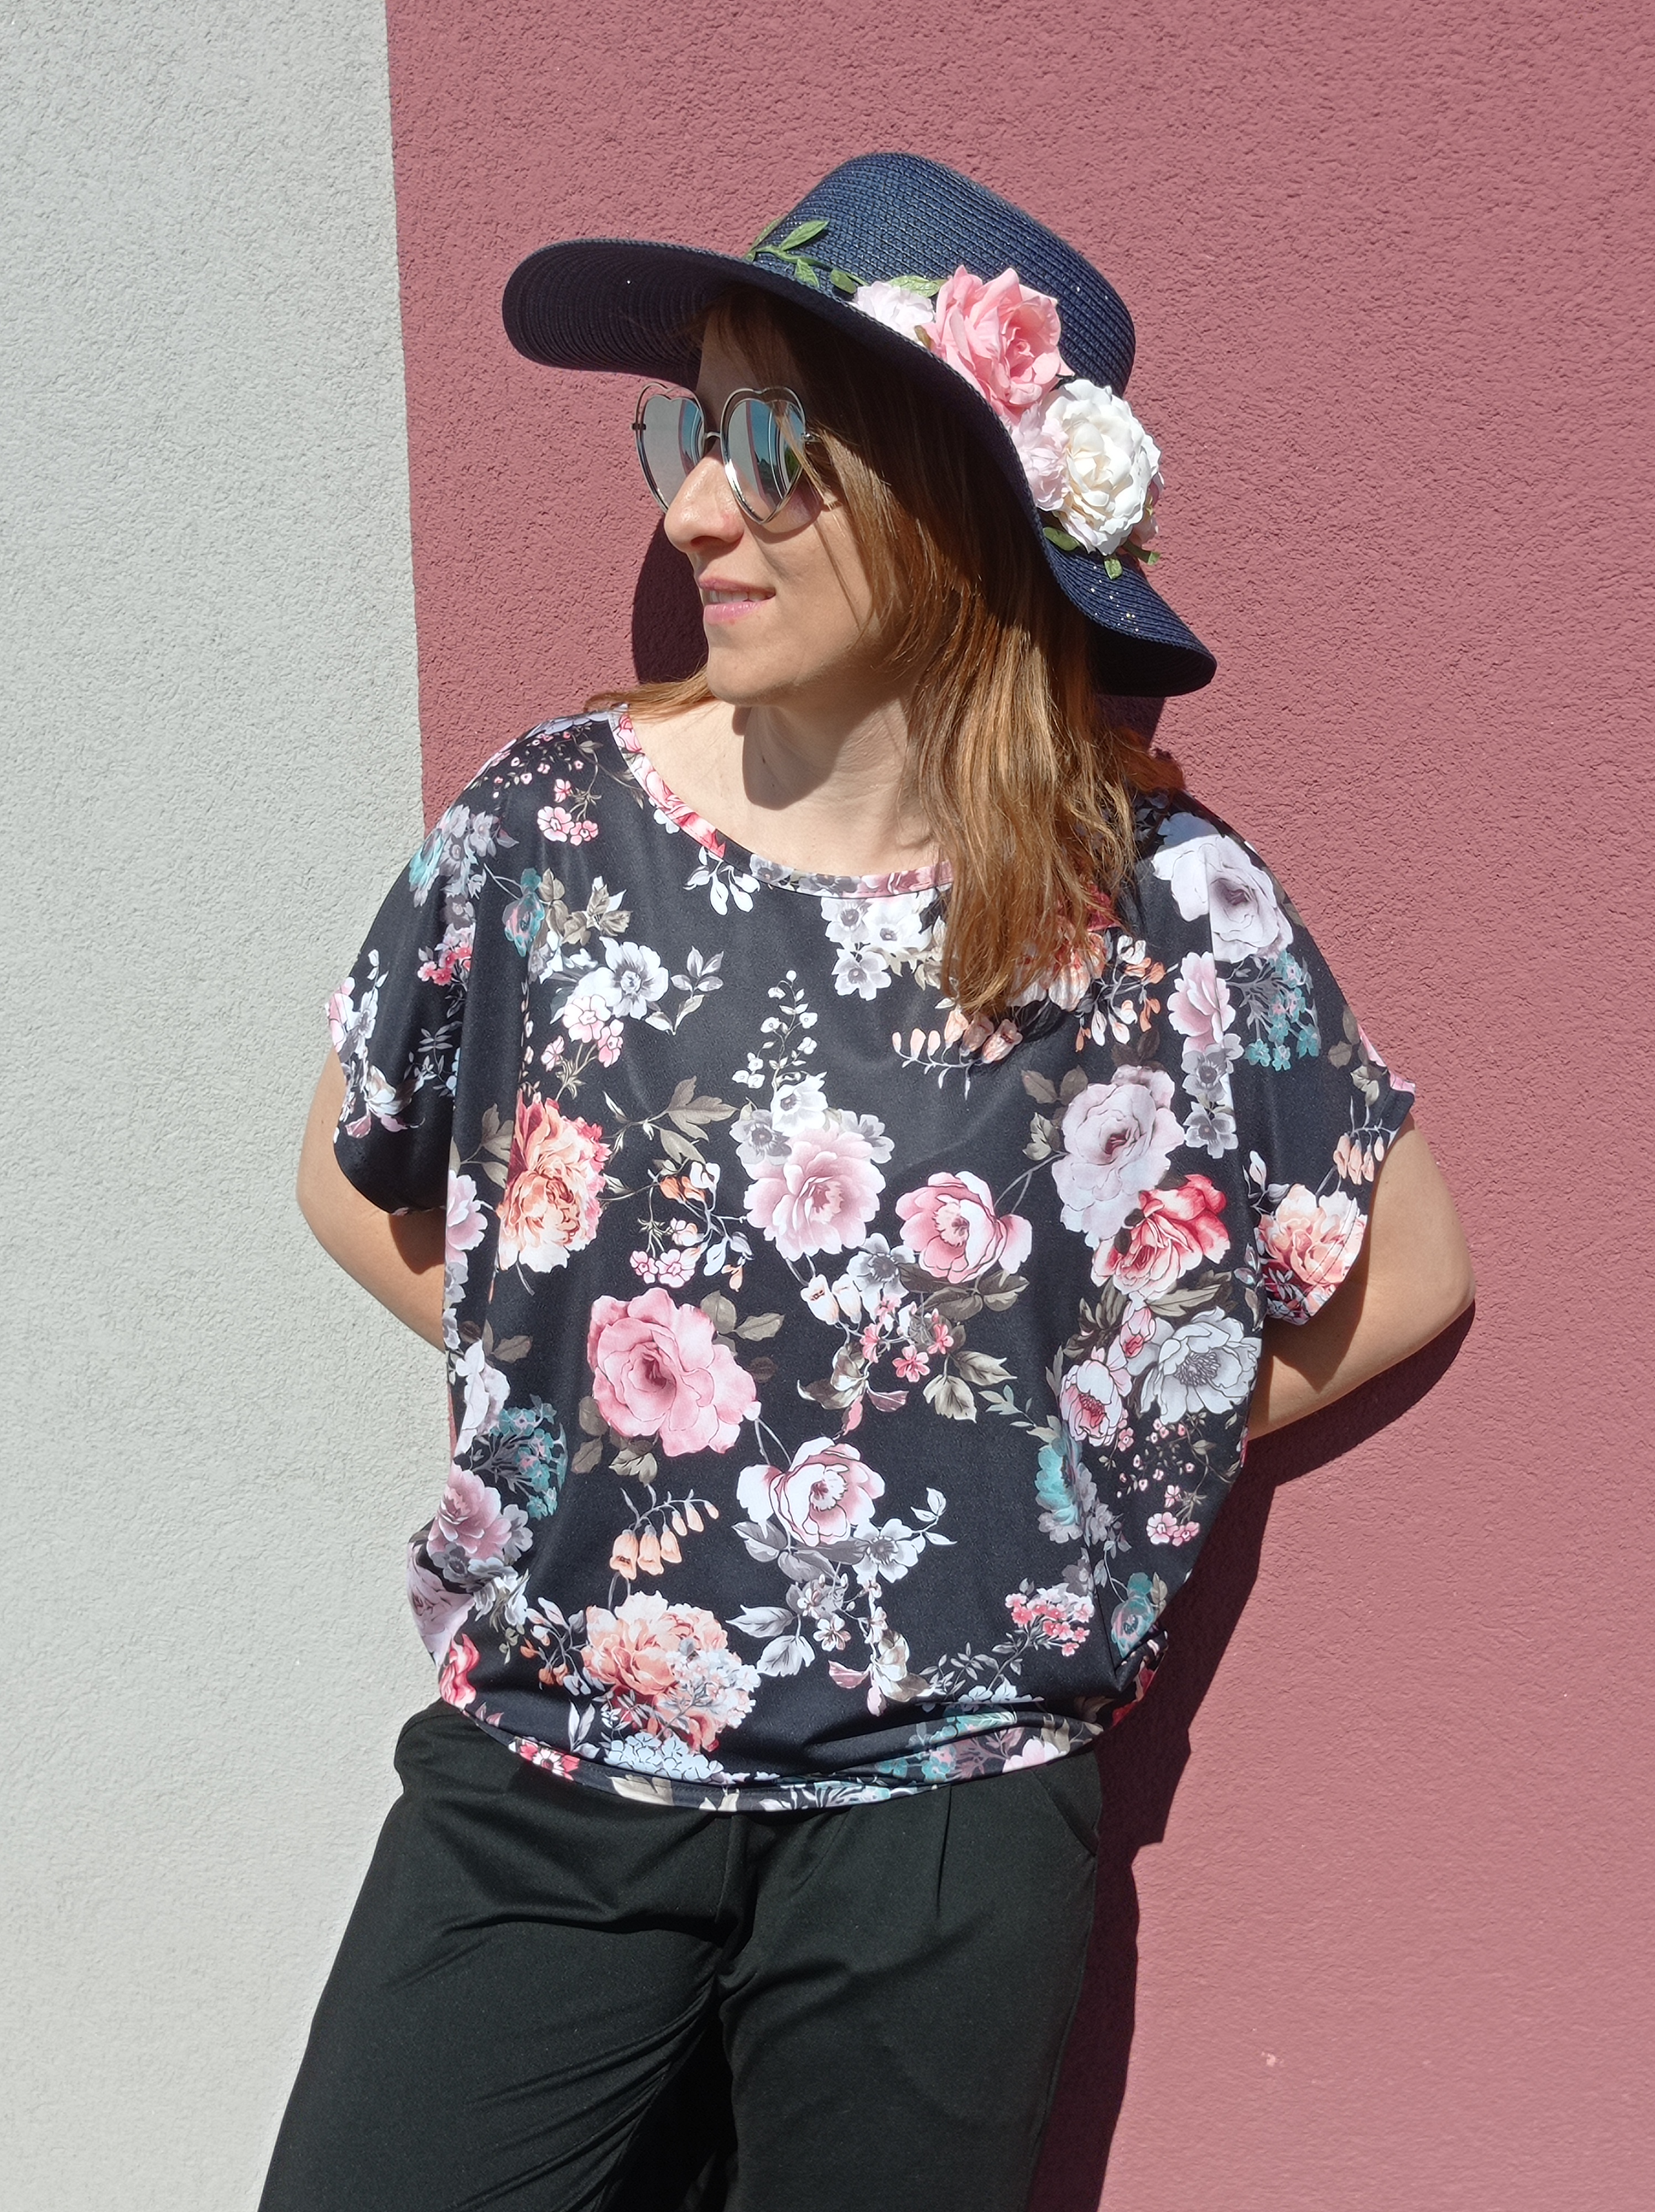 4 jednoduché tipy, jak ozdobit letní klobouk